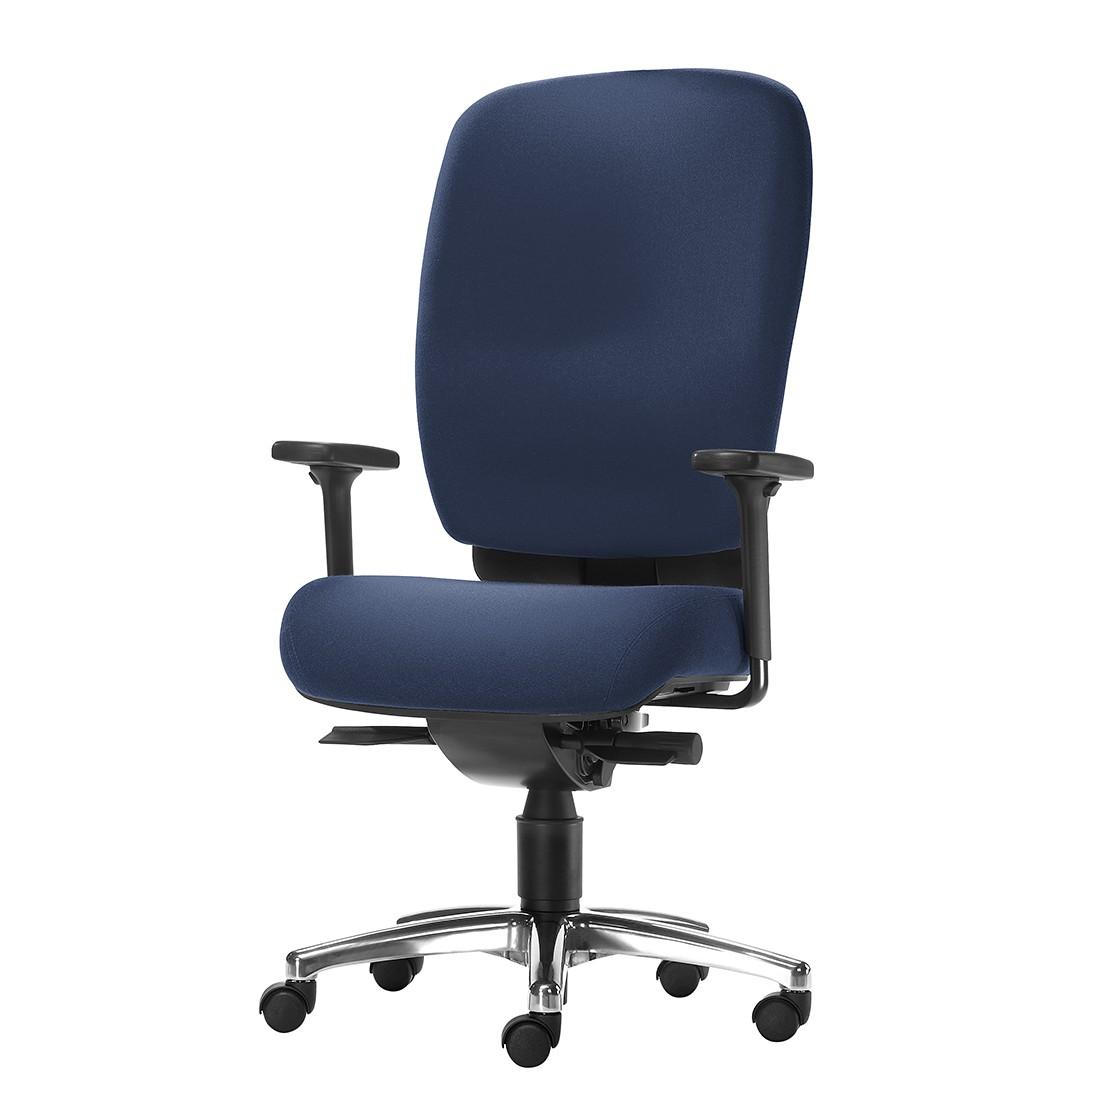 Bürodrehstuhl Office SY 1500 M – Höhenverstellbare Armlehnen – Dunkelblau, 1000 Stühle Gernot-M. Steifensand jetzt kaufen